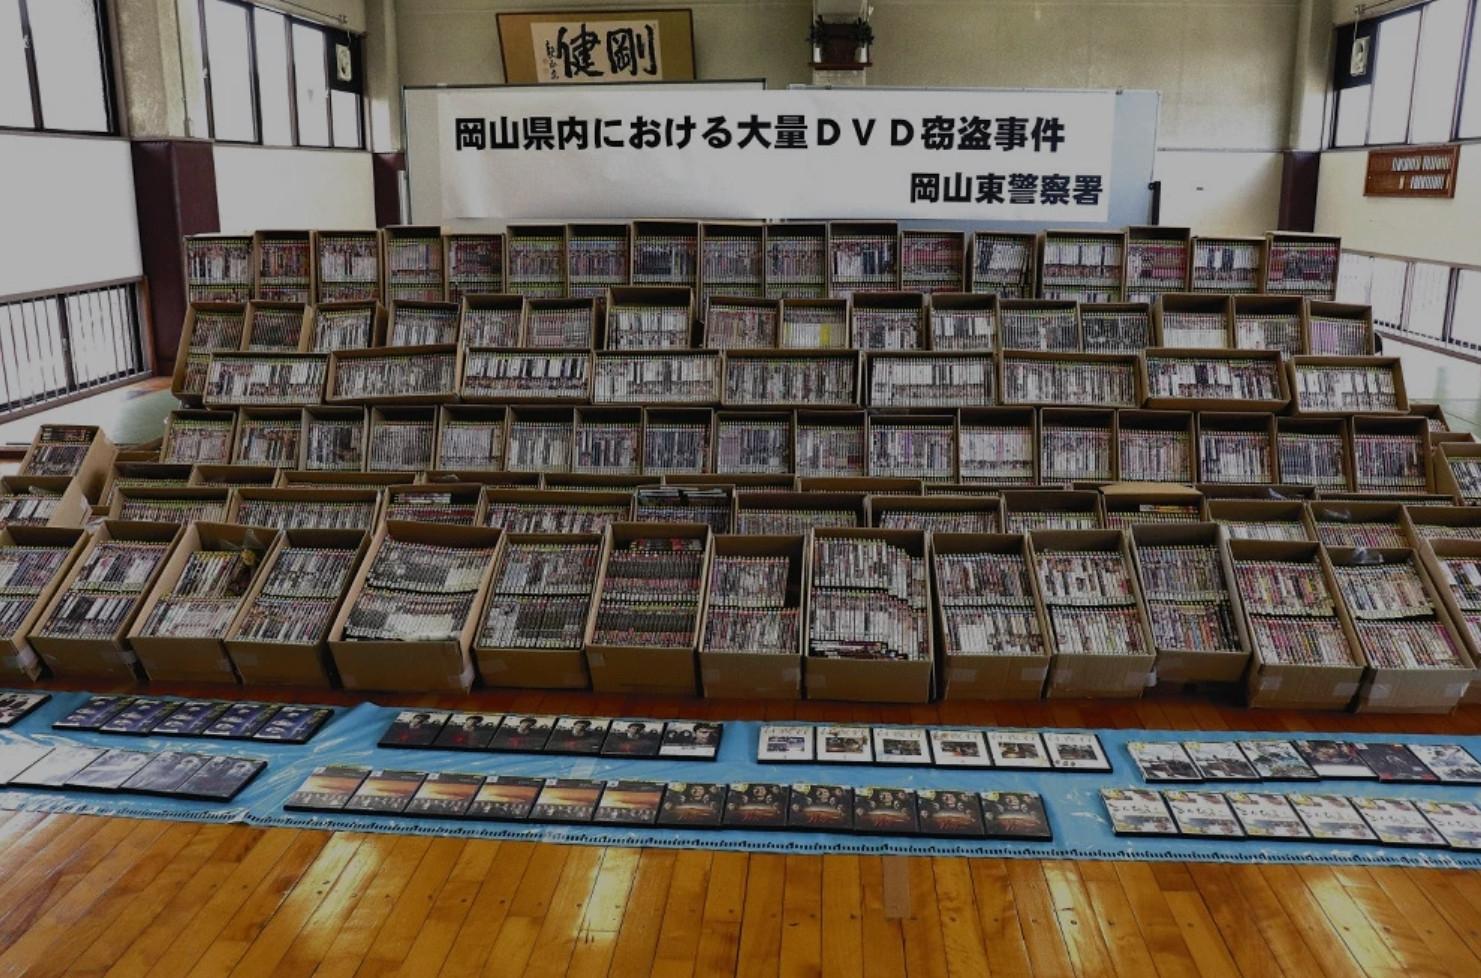 【画像】岡山県警さん、万引きされたアダルトDVD等を綺麗に並べる